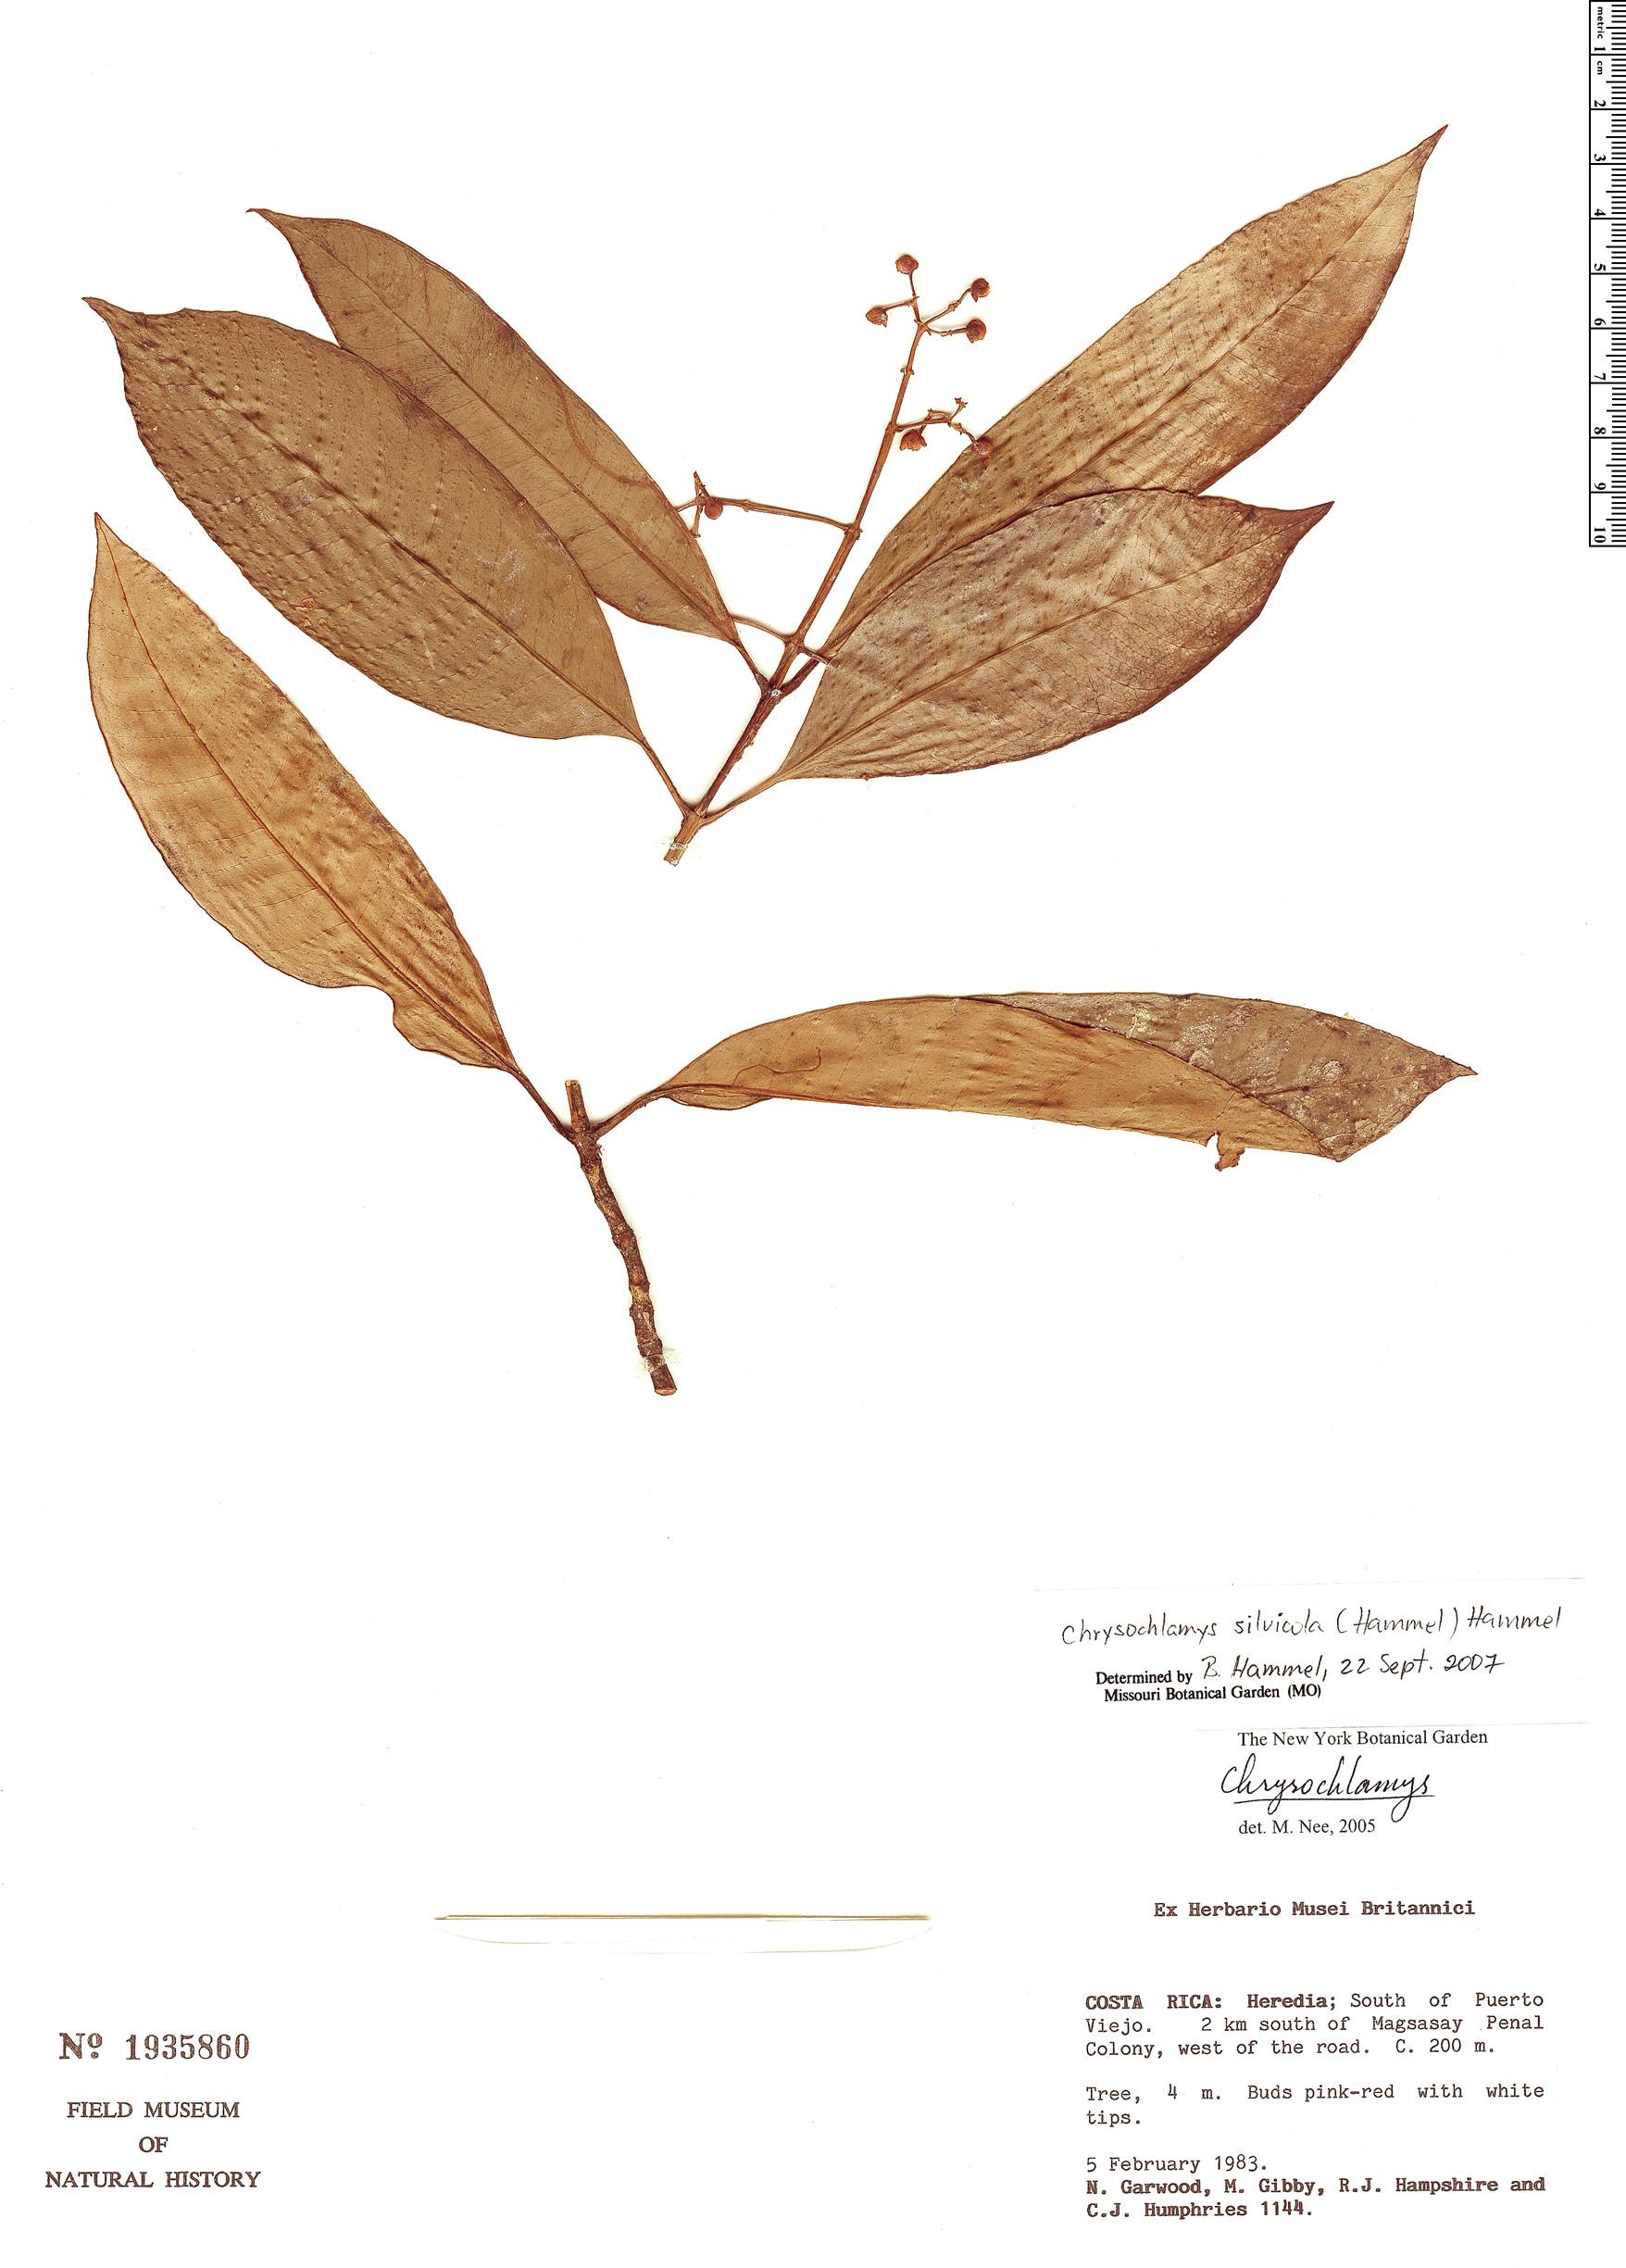 Specimen: Chrysochlamys silvicola